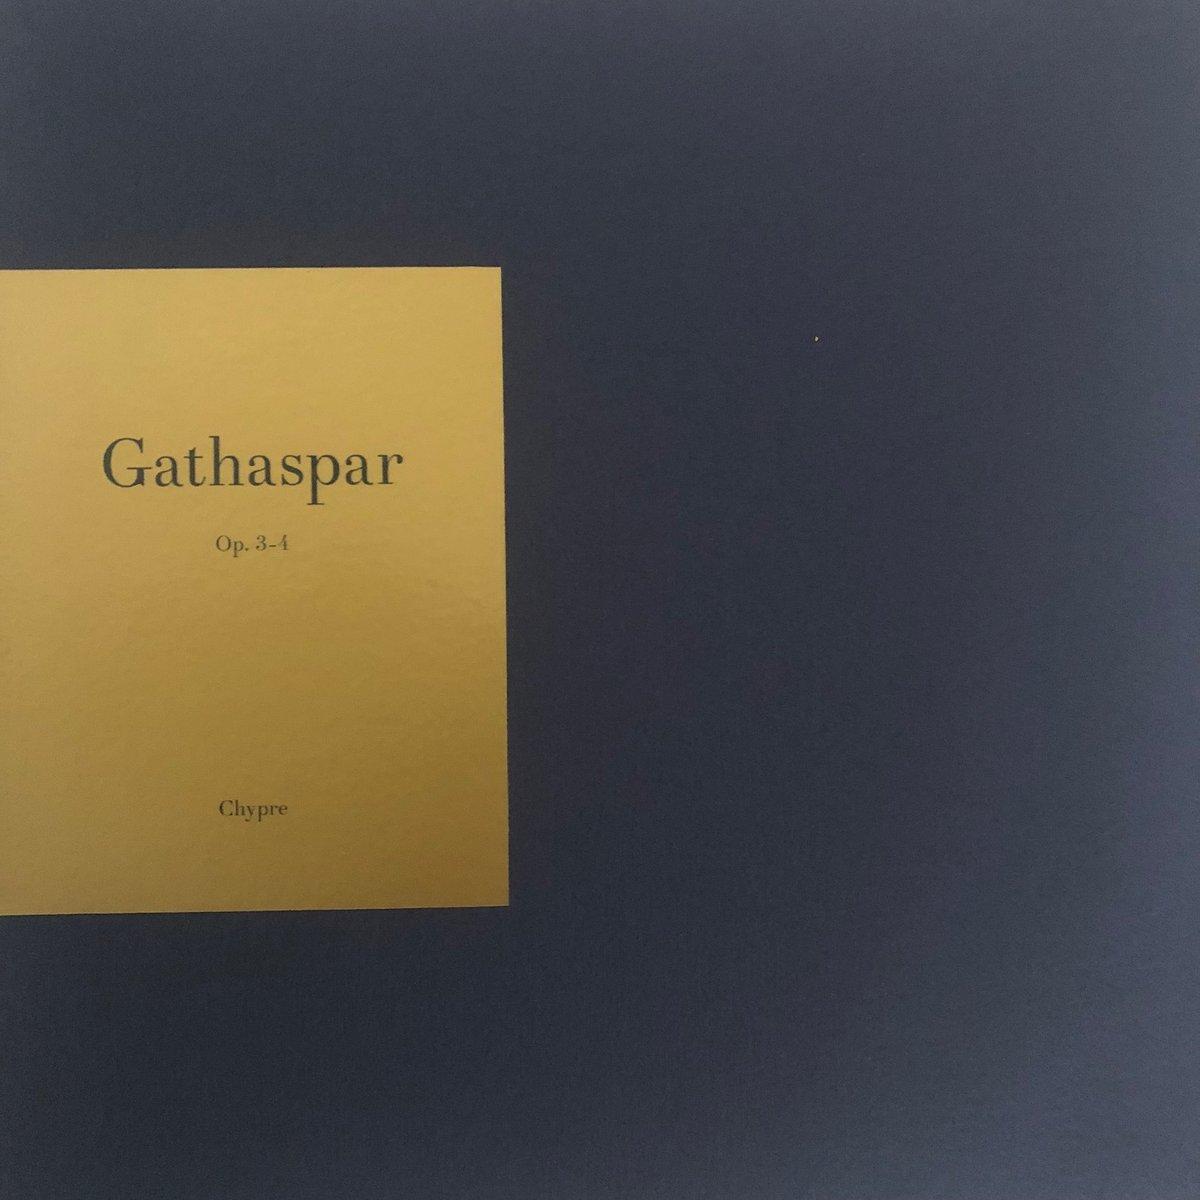 Image of Gathaspar op.3, 4, chypre 002